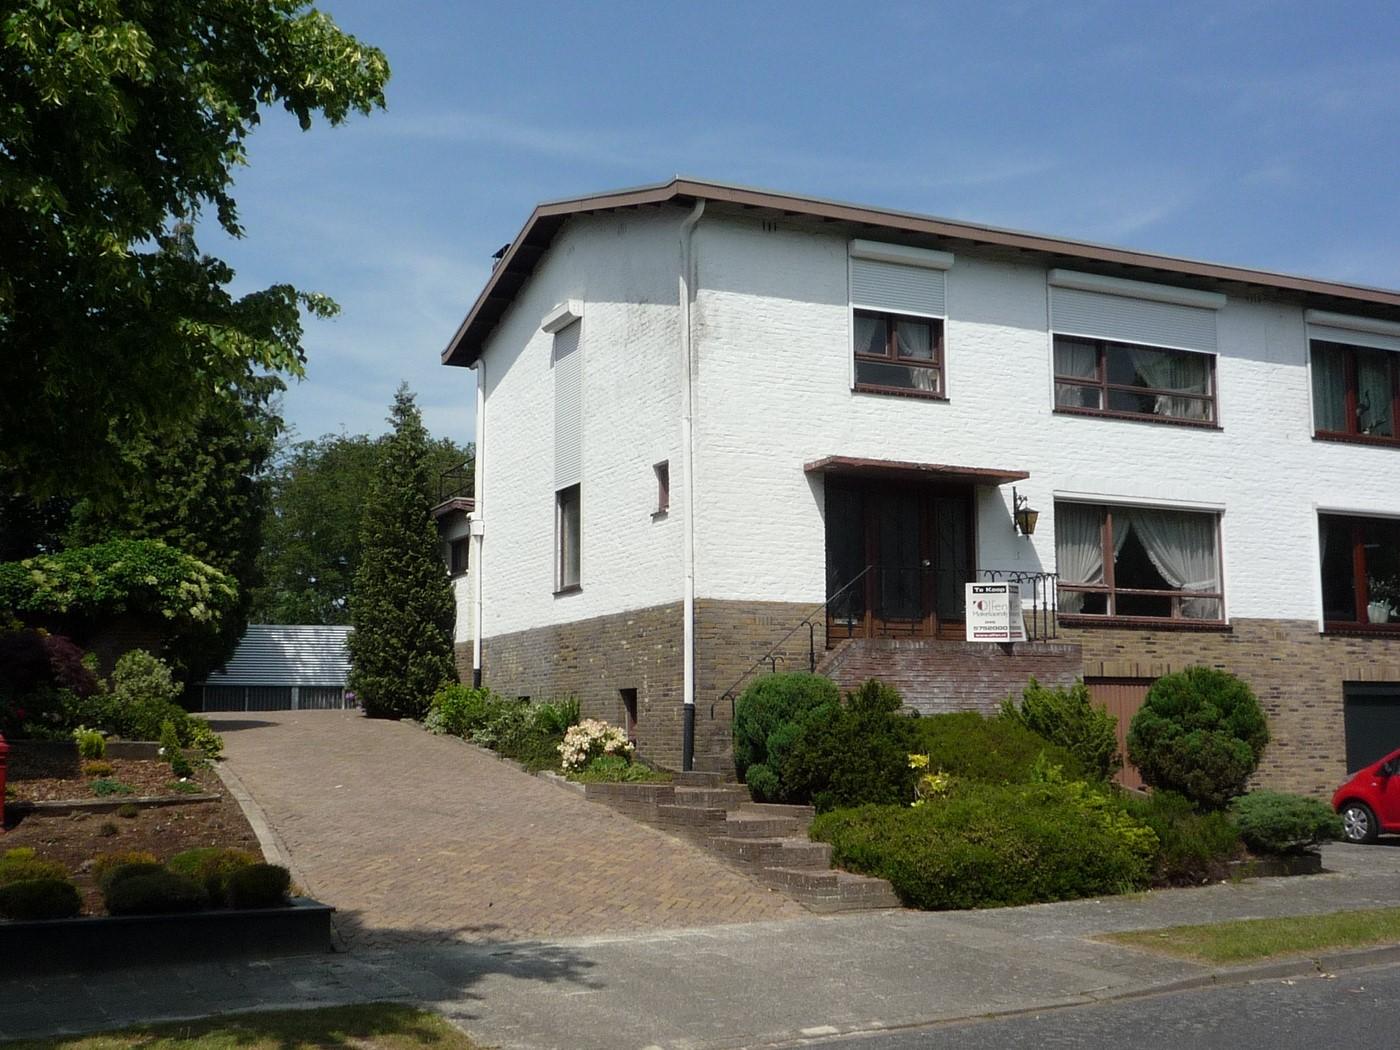 Adenauerlaan 5, Heerlen